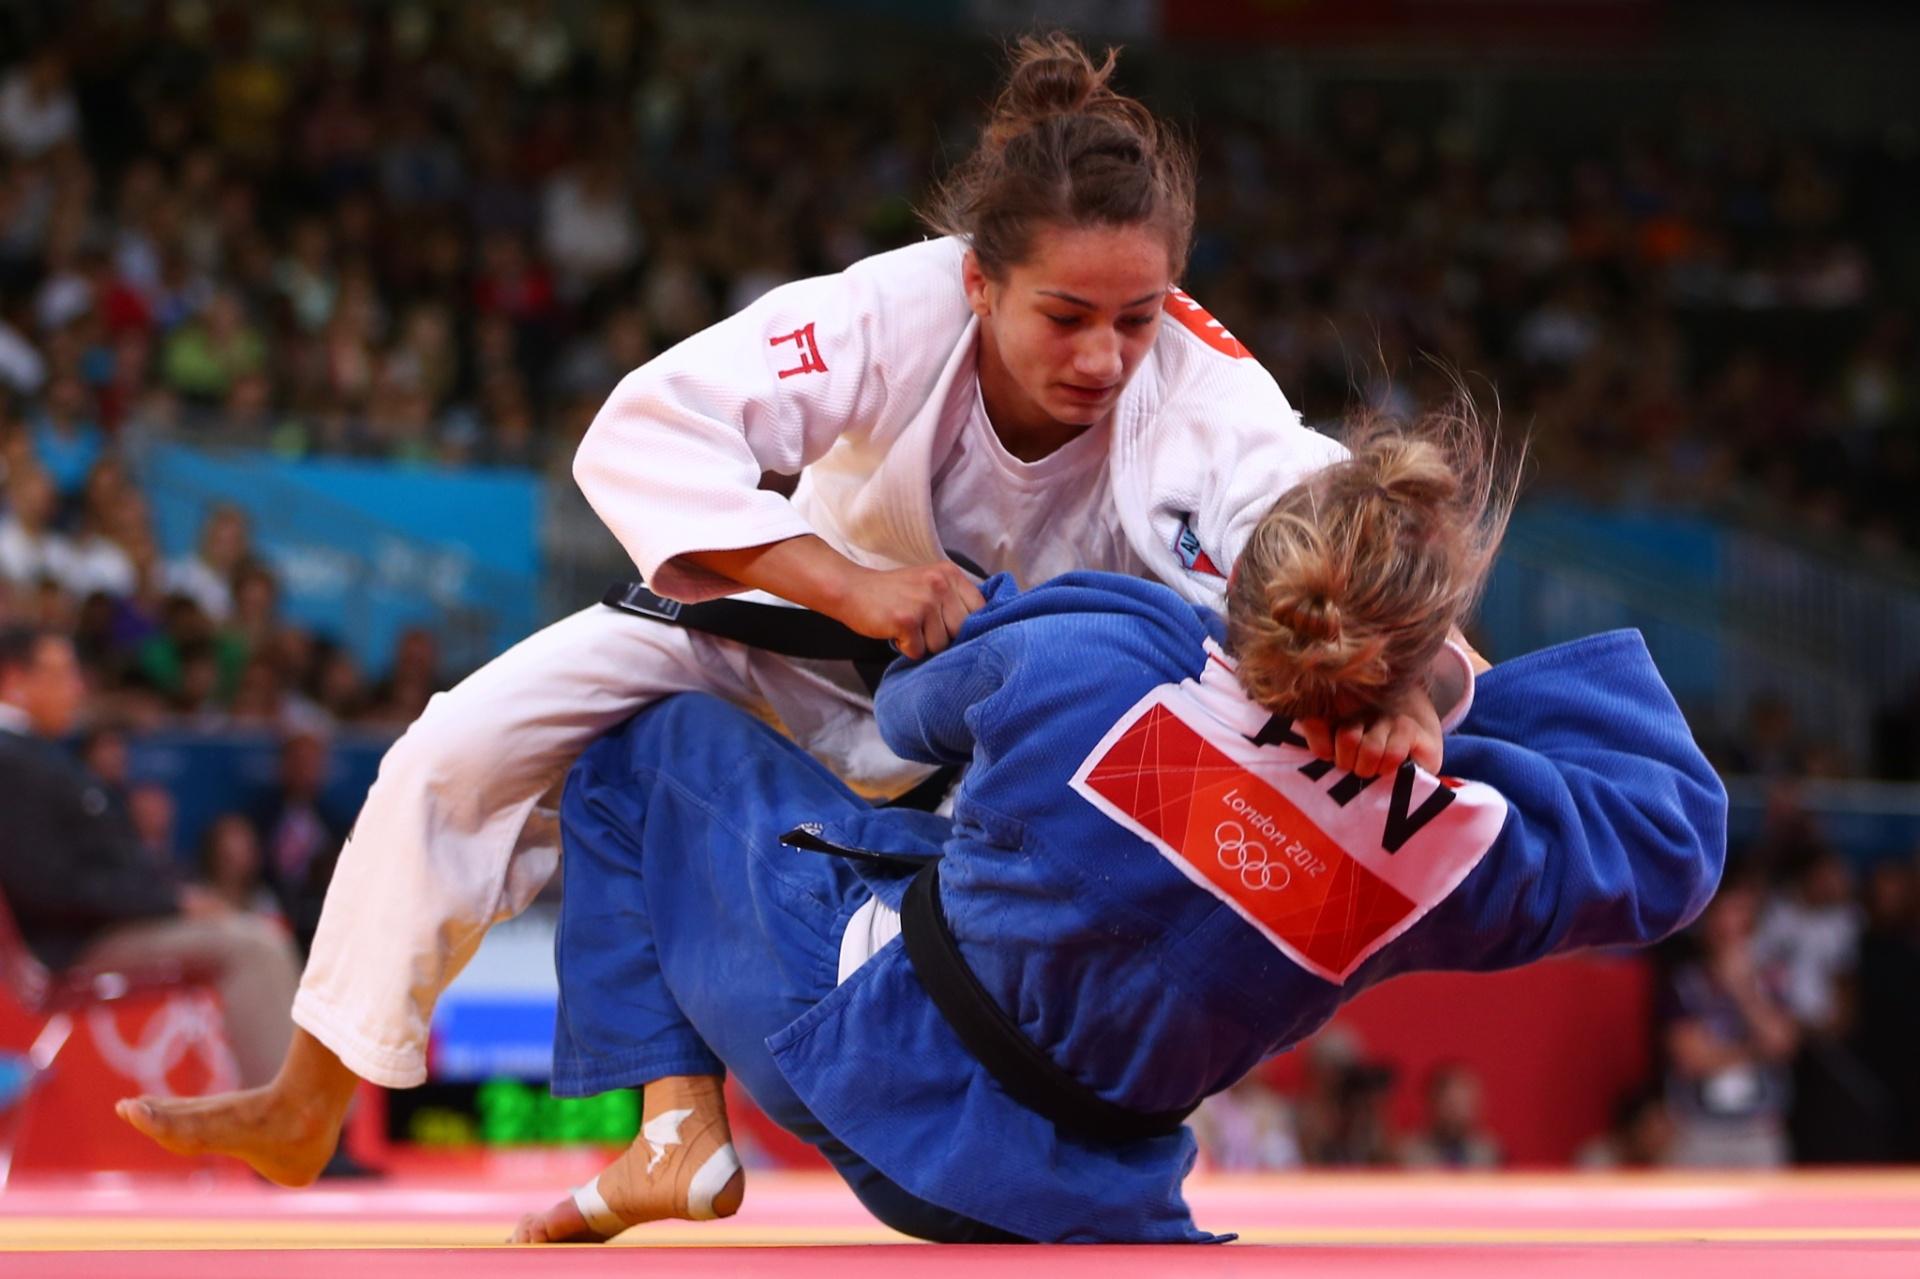 Majlinda Kelmendi (branco), do Kosovo, compete pela Albânia nos Jogos Olímpicos de Londres-2012